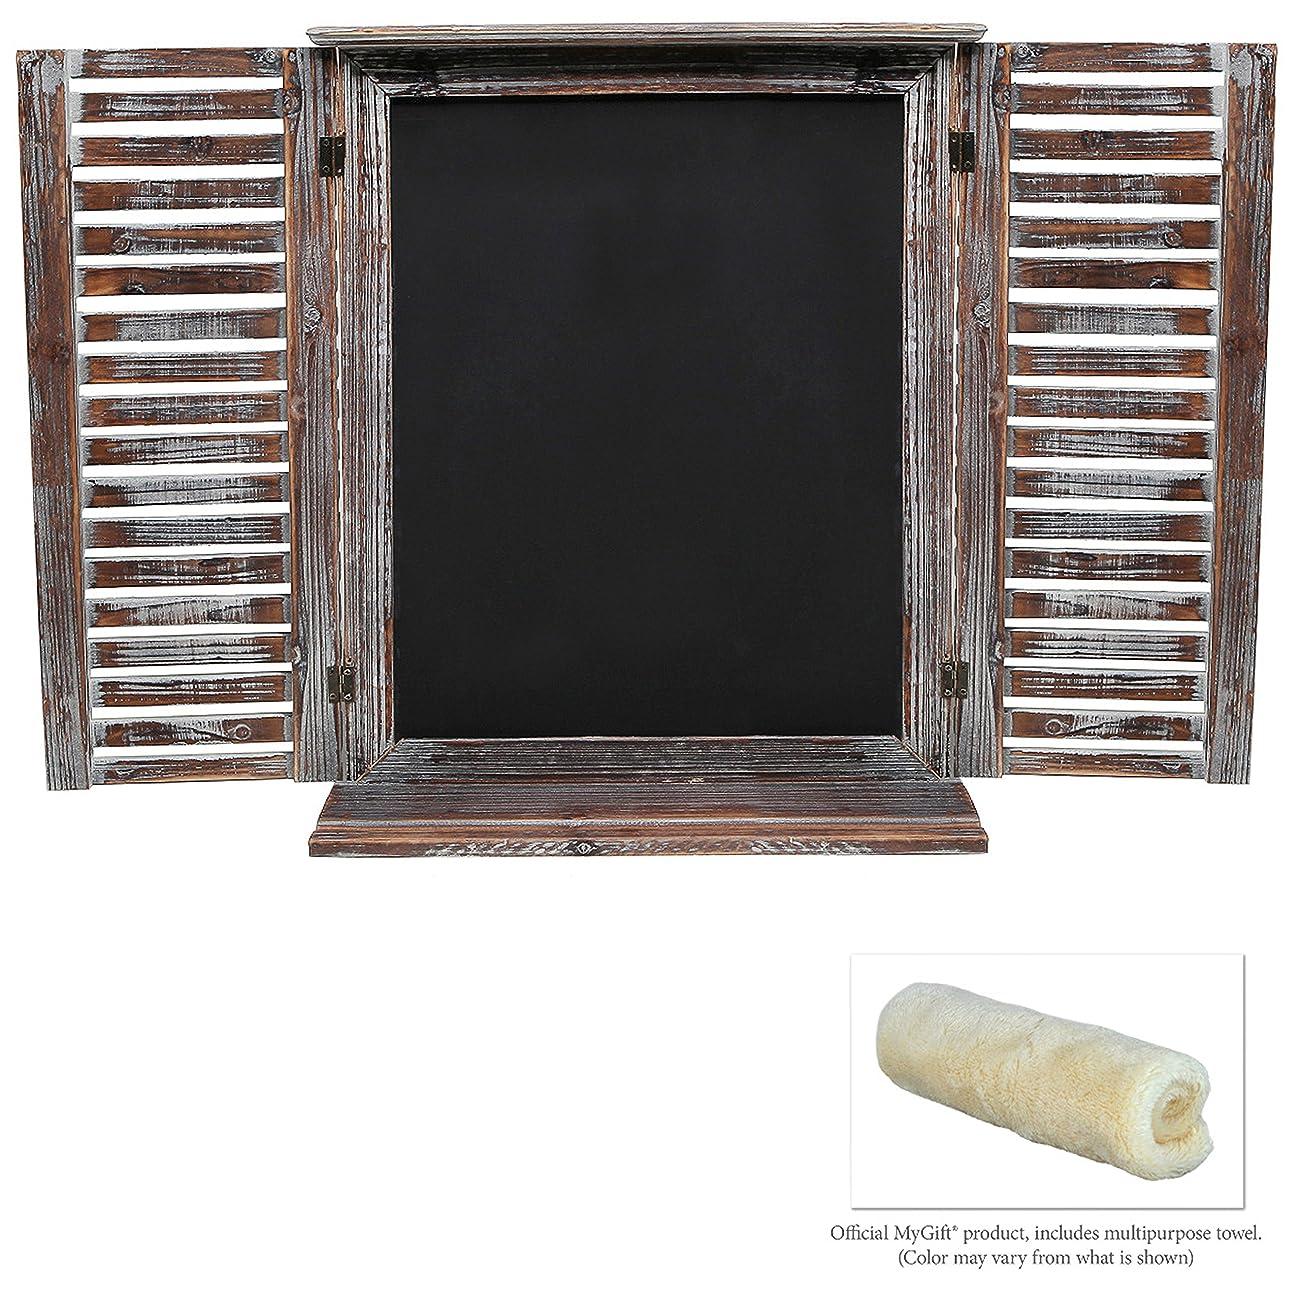 Rustic Vintage Wood Standing Chalkboard / Wall Mounted Blackboard w/ Folding Shutter Doors - MyGift® 4